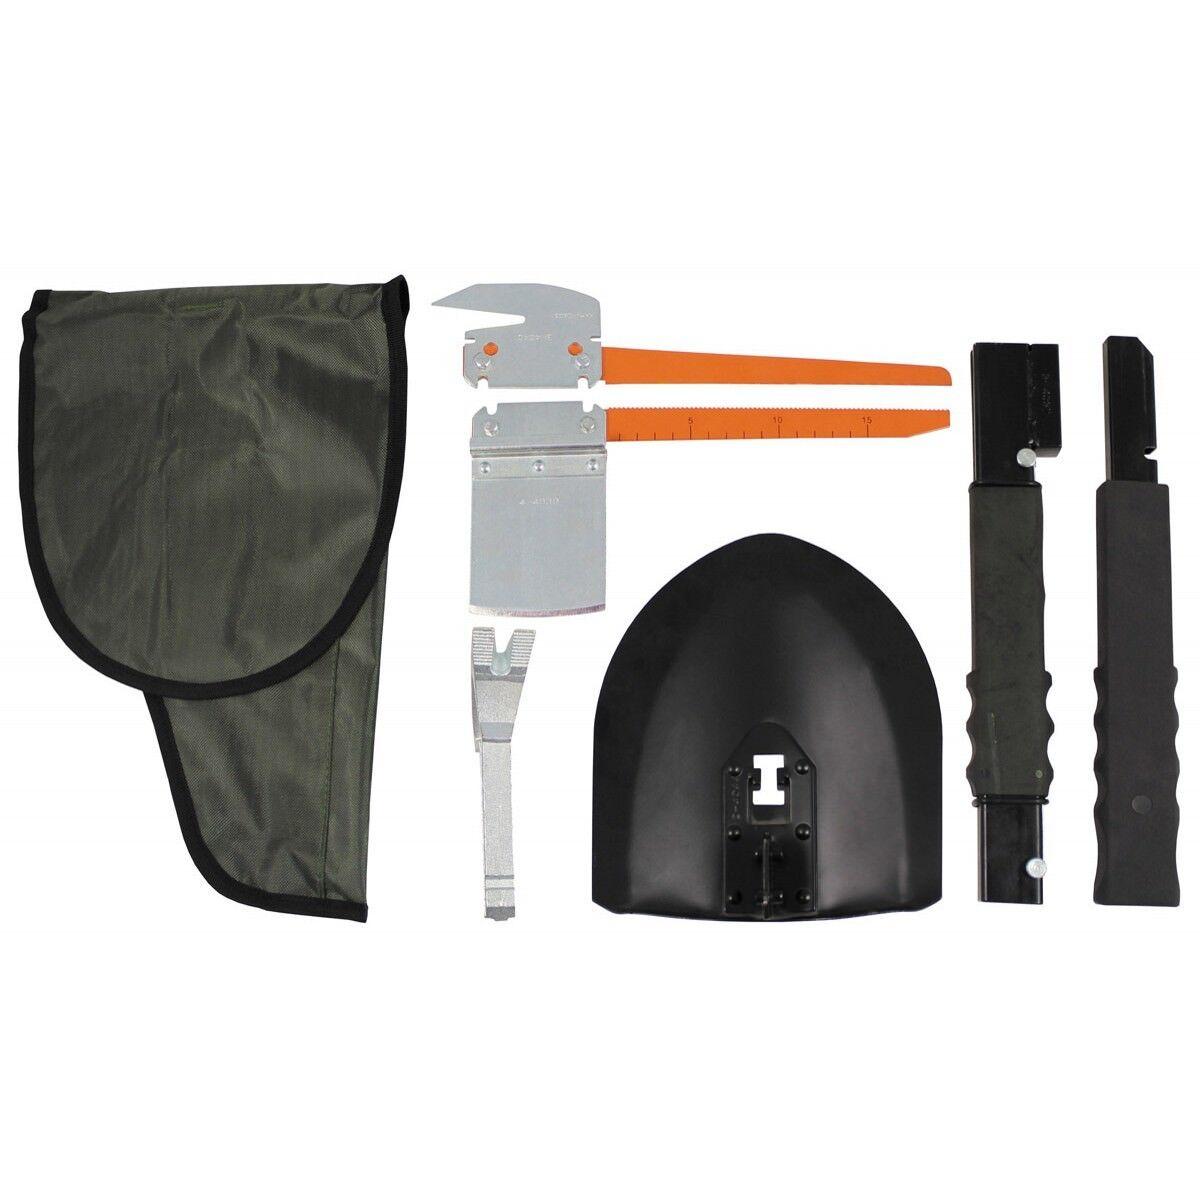 MFH Rettungsset SOS 12 Werkzeuge mit Tasche  Überlebensset Survivalset  fashion brands